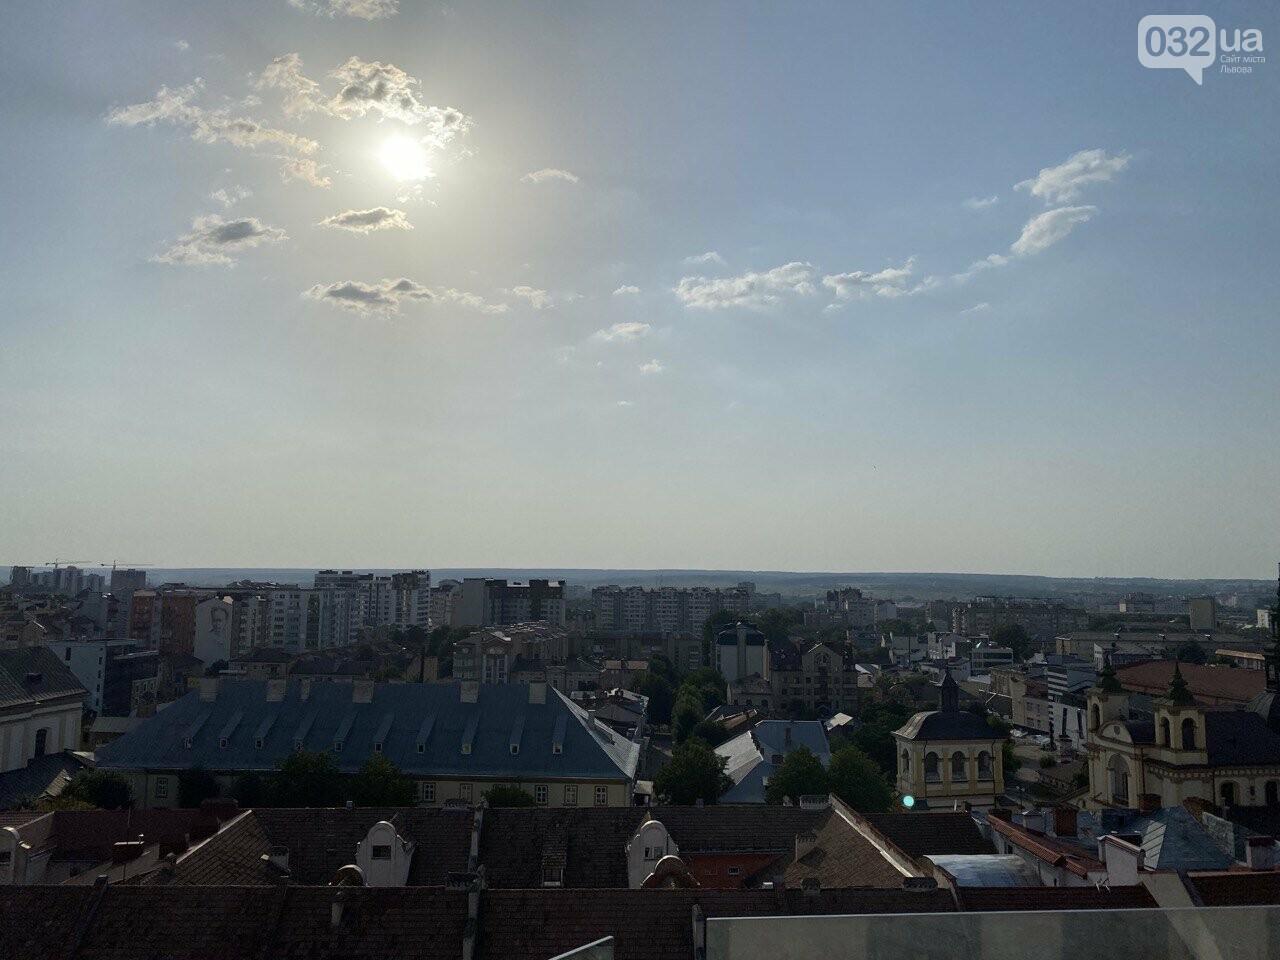 Панорама міста, Фото: 032.ua